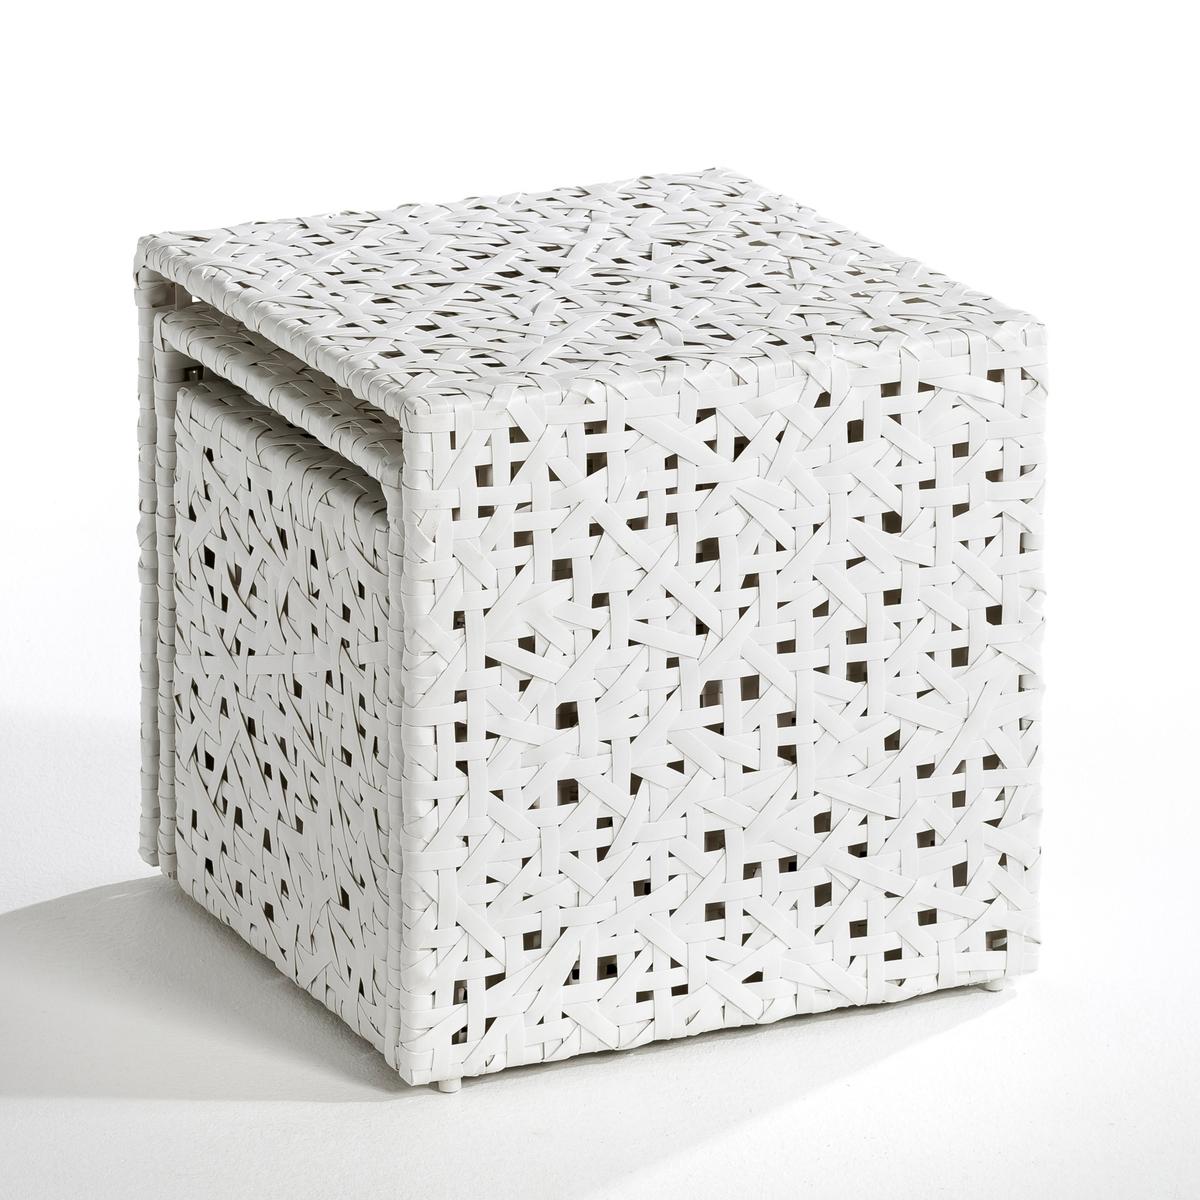 Столик журнальный C?lian (3 шт)Комплект из 3 столиков : 1 в форме куба + 2 стола матрешки  .Из плетеного вручную пластика .- 1 маленький куб : 32 x 40 x 32 см .- 1 стол матрешка: 36 x 40 x 36 см- 1 стол матрешка : 40 x 40 x 40 см .<br><br>Цвет: белый<br>Размер: комплект из 3